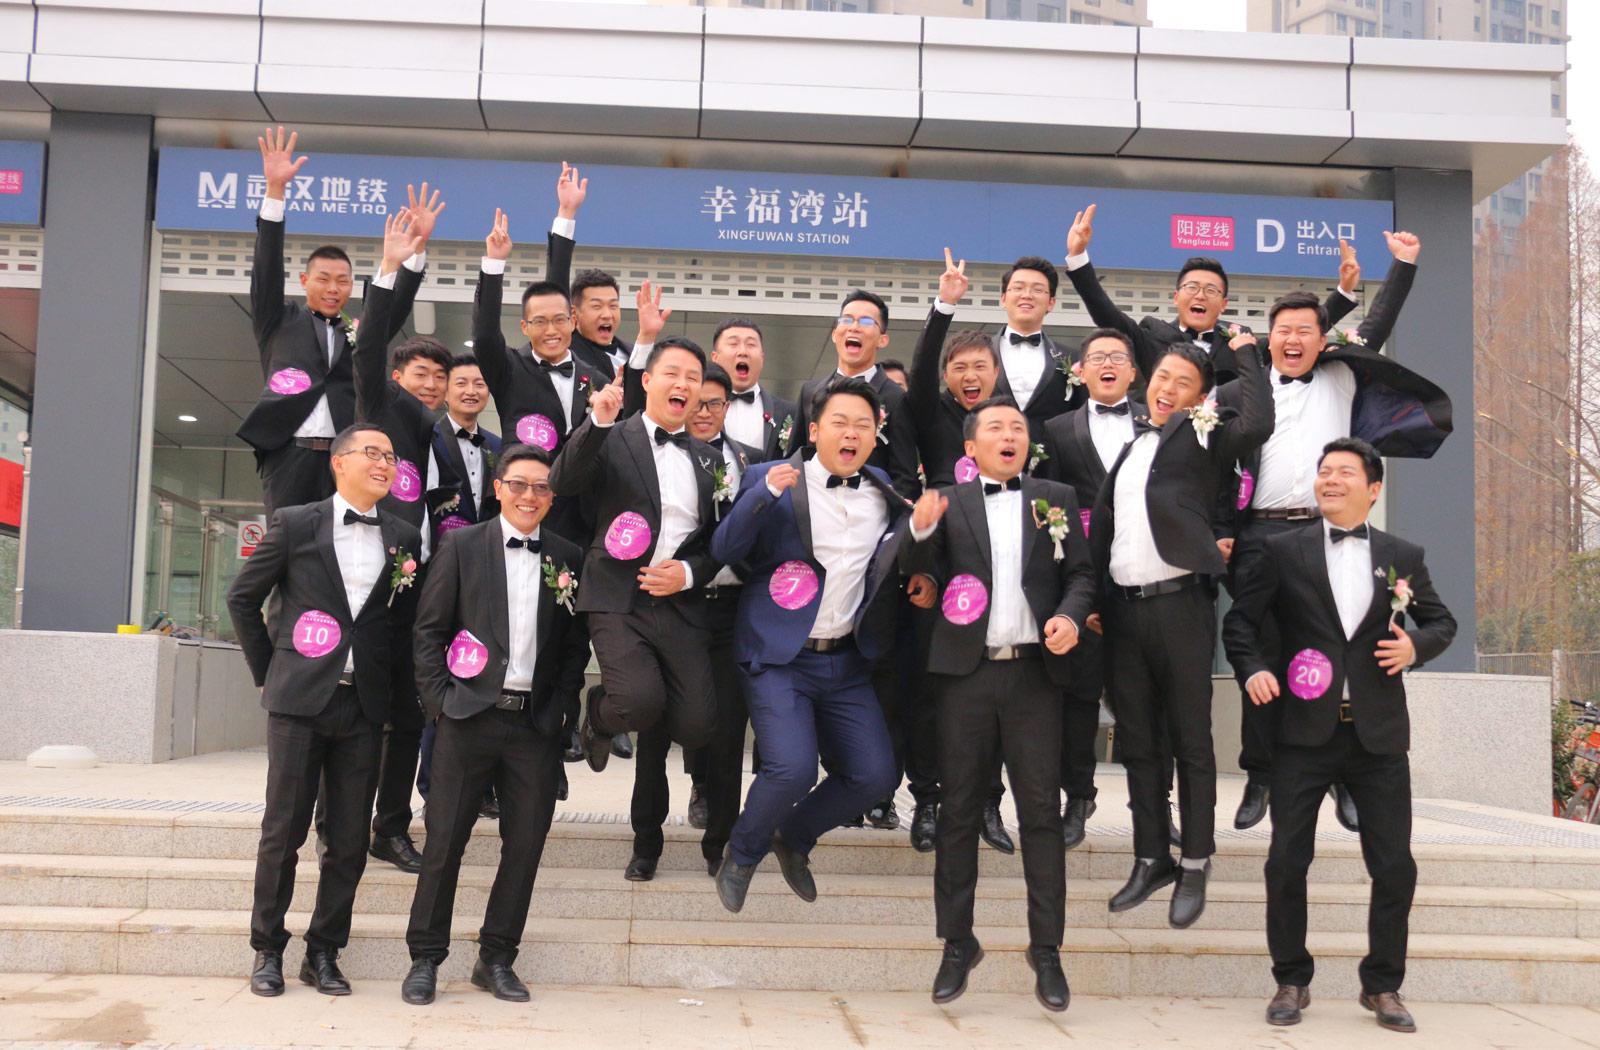 2018年元旦前夕,武汉地铁21号线(阳逻线)后湖大道站站厅举行了一场充满浓郁地铁特色的集体婚礼,21对新人步入婚姻殿堂。图为新郎在幸福湾站幸福合影。(连迅 摄)